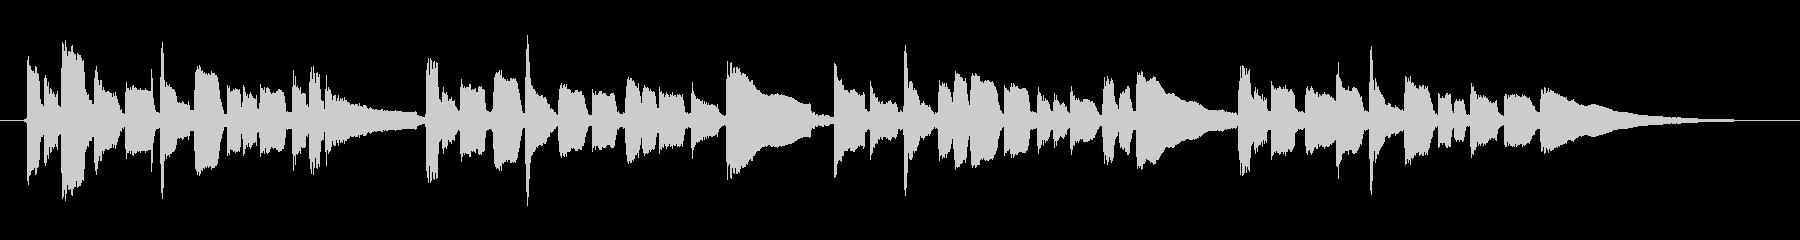 アコギで童謡 こいのぼり 鯉のぼりの未再生の波形